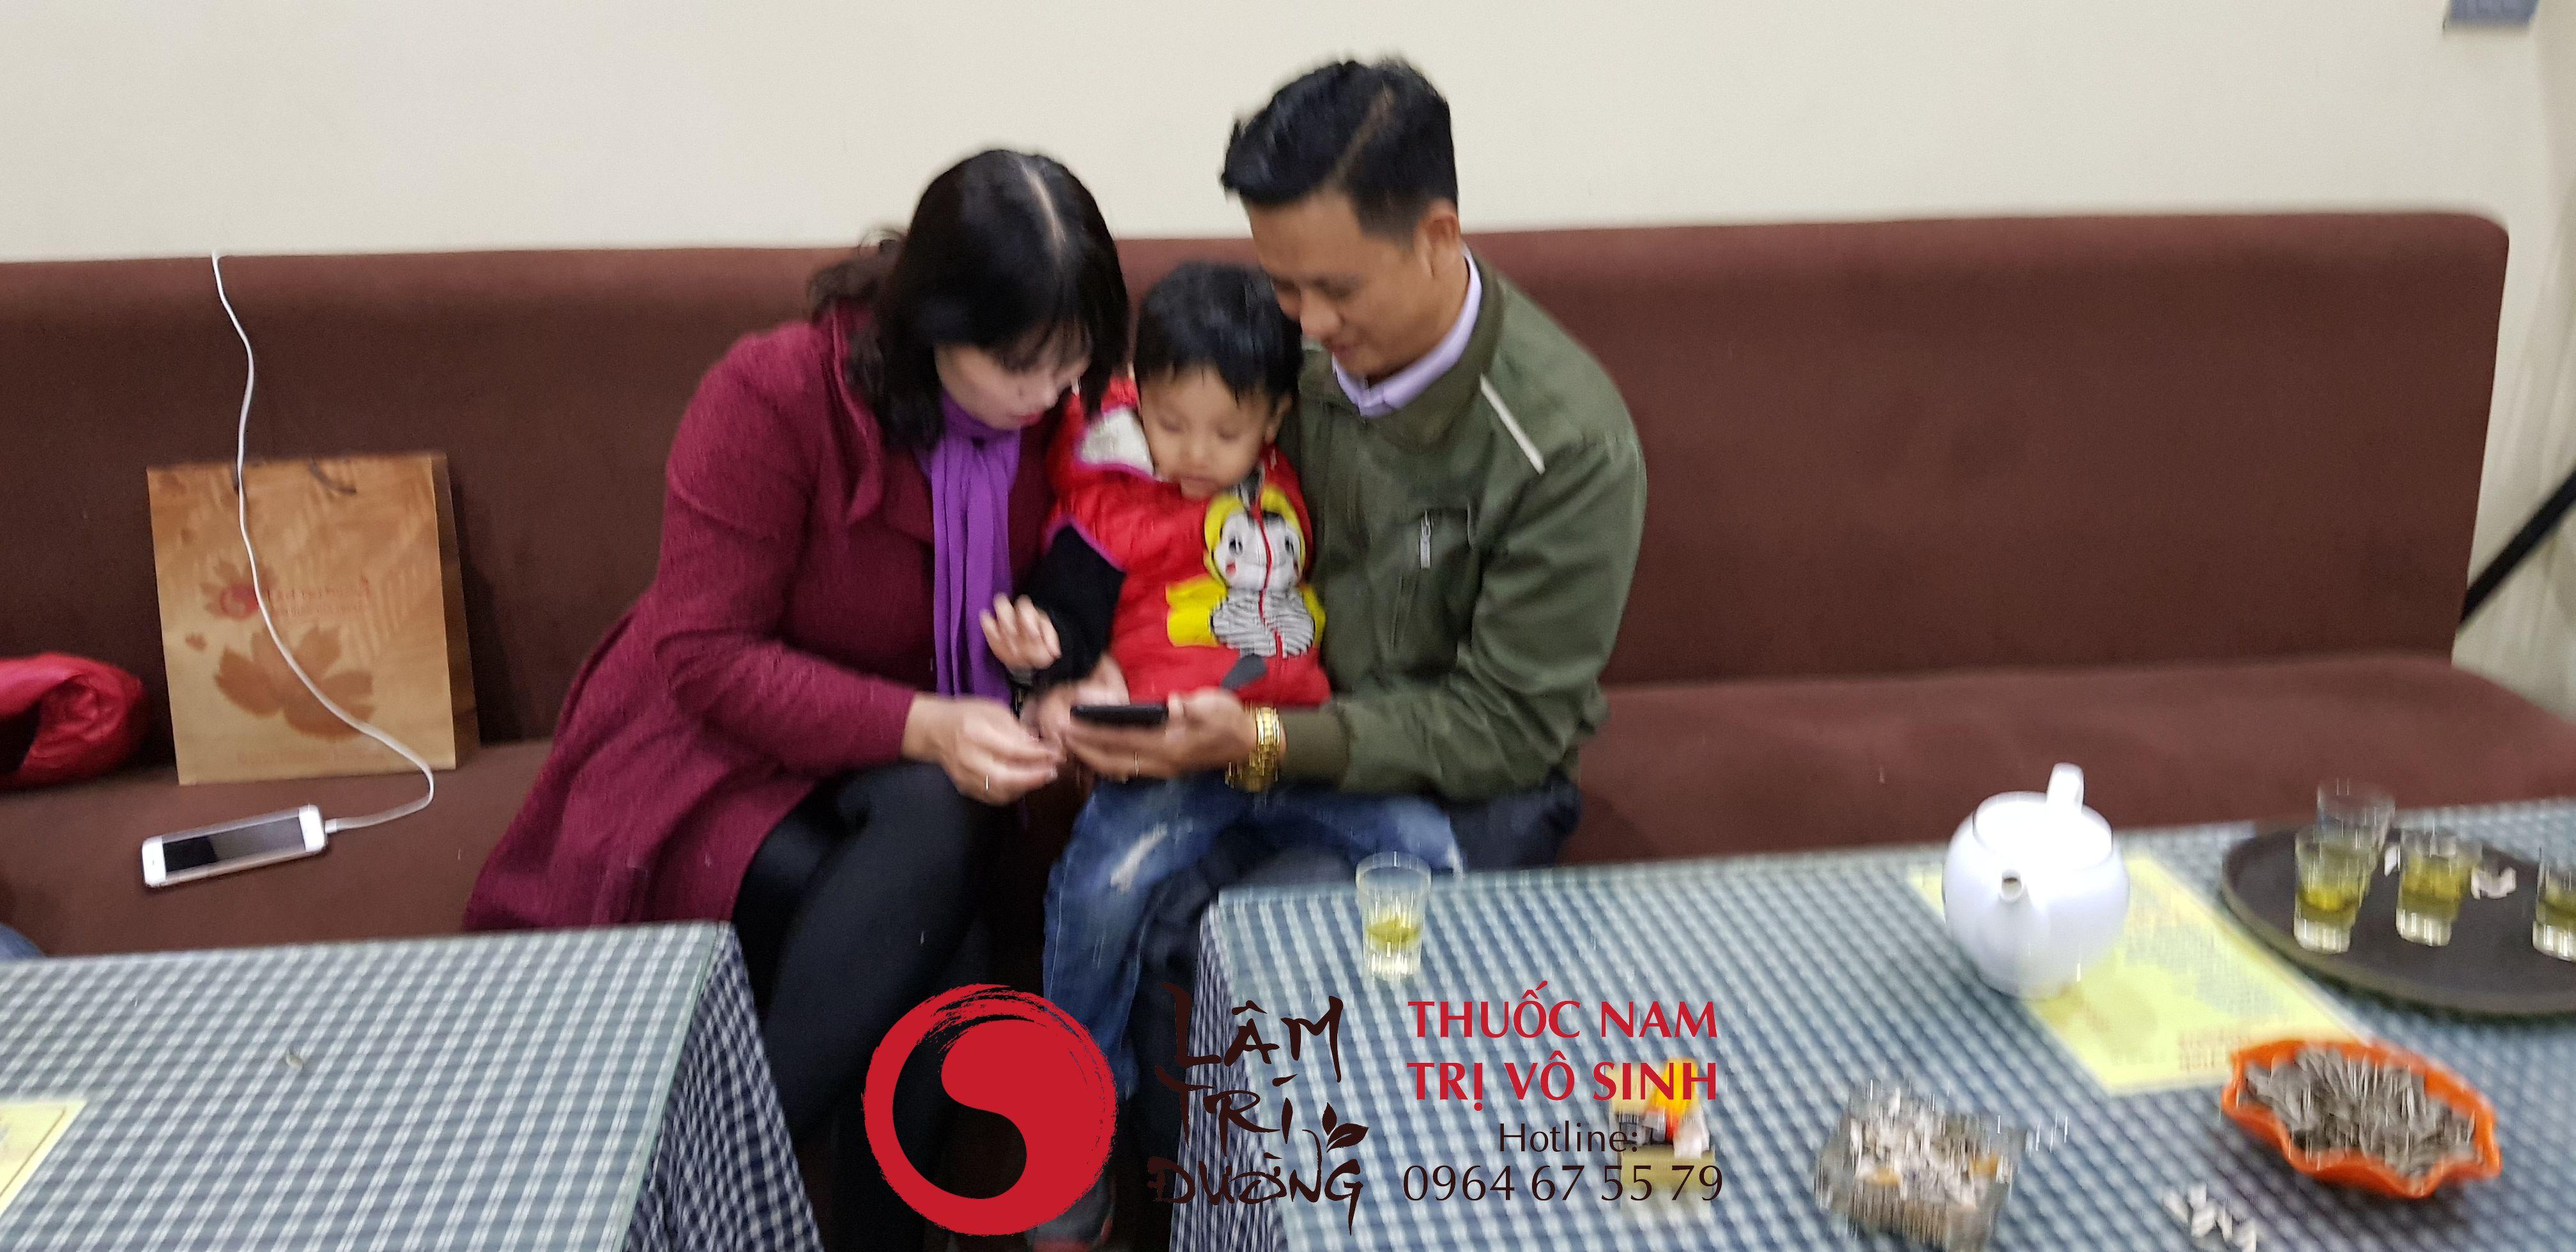 20180113 172214 result - Bài Thuốc Sinh Con Trai Của Lâm Trí Đường